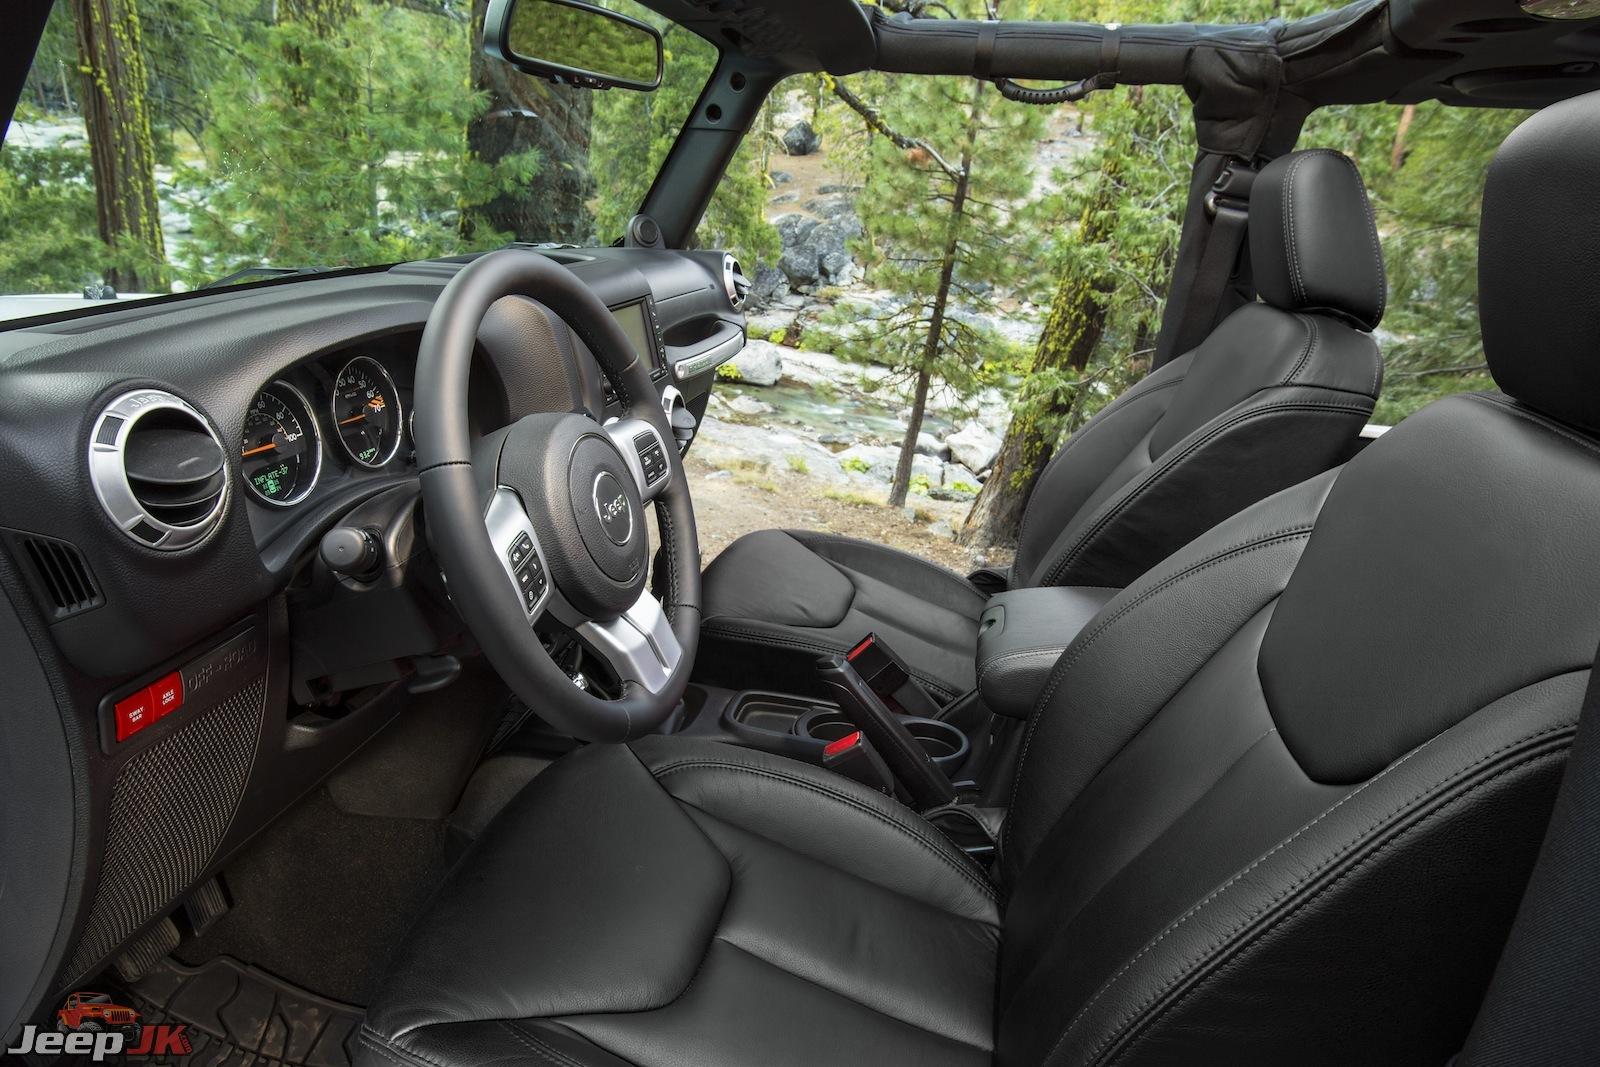 Oscar Mike Jeep >> 2014 Jeep Wrangler Rubicon X : Jeep JK